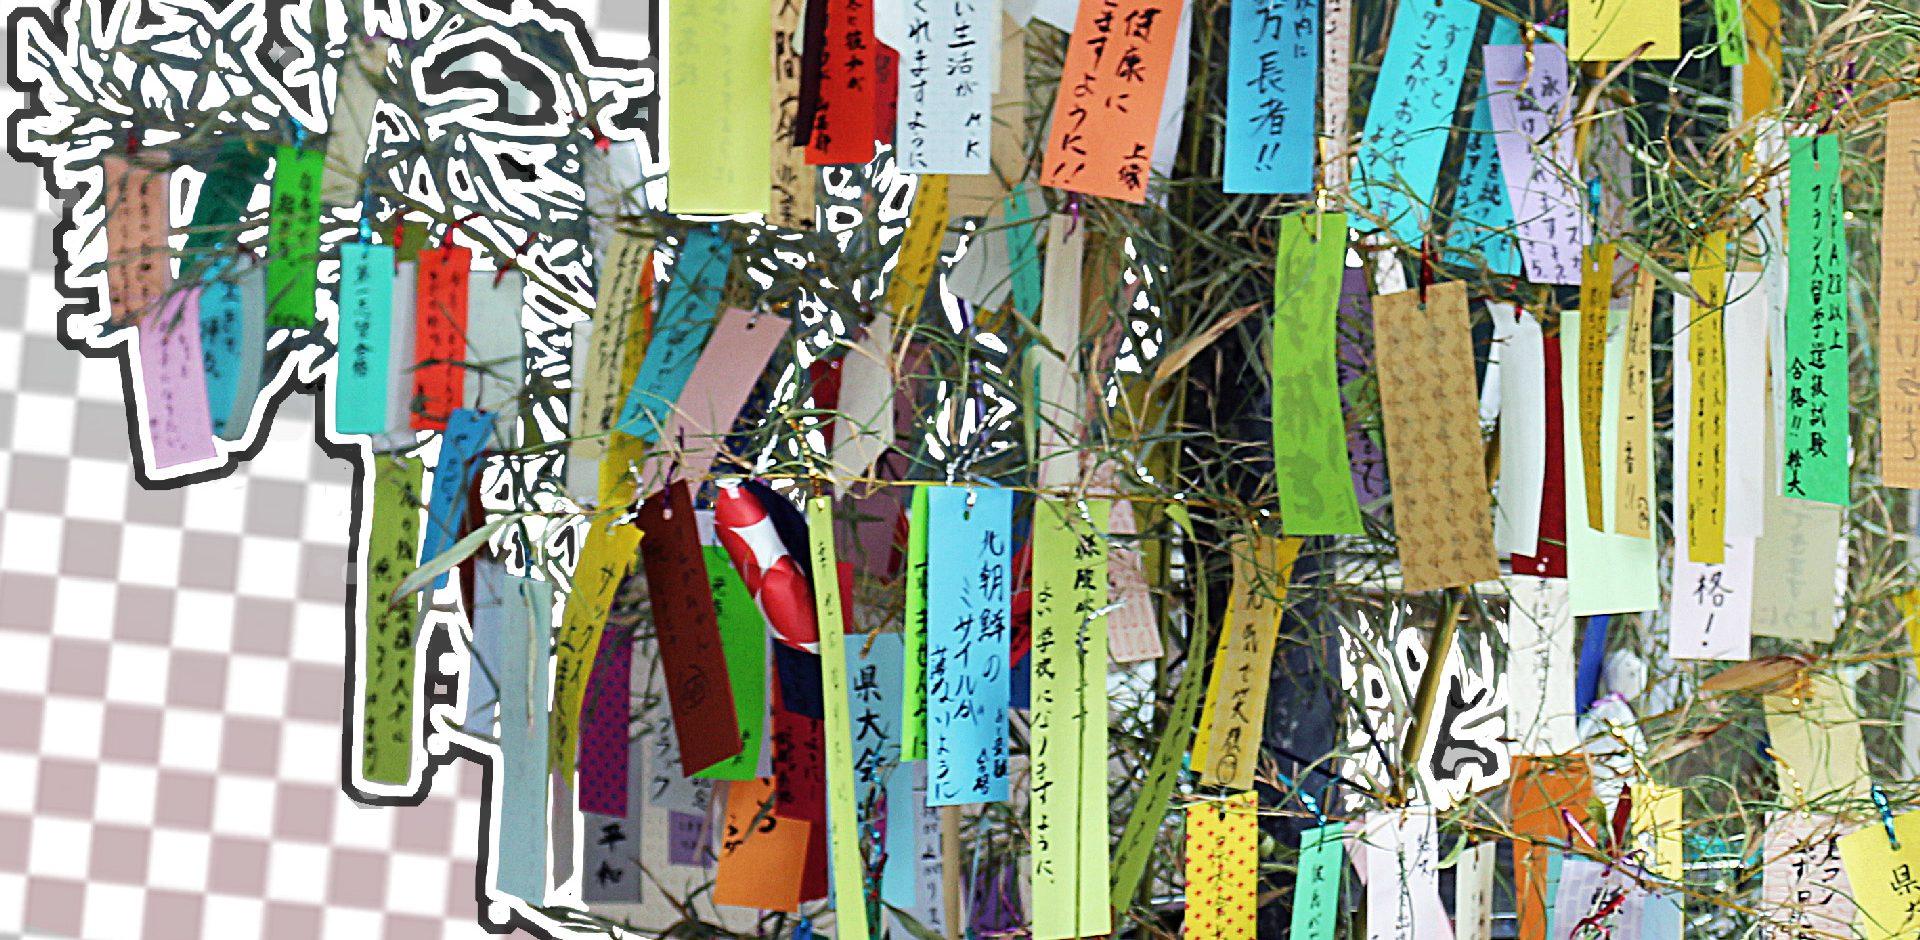 Tanabata – Japan's Star Festival